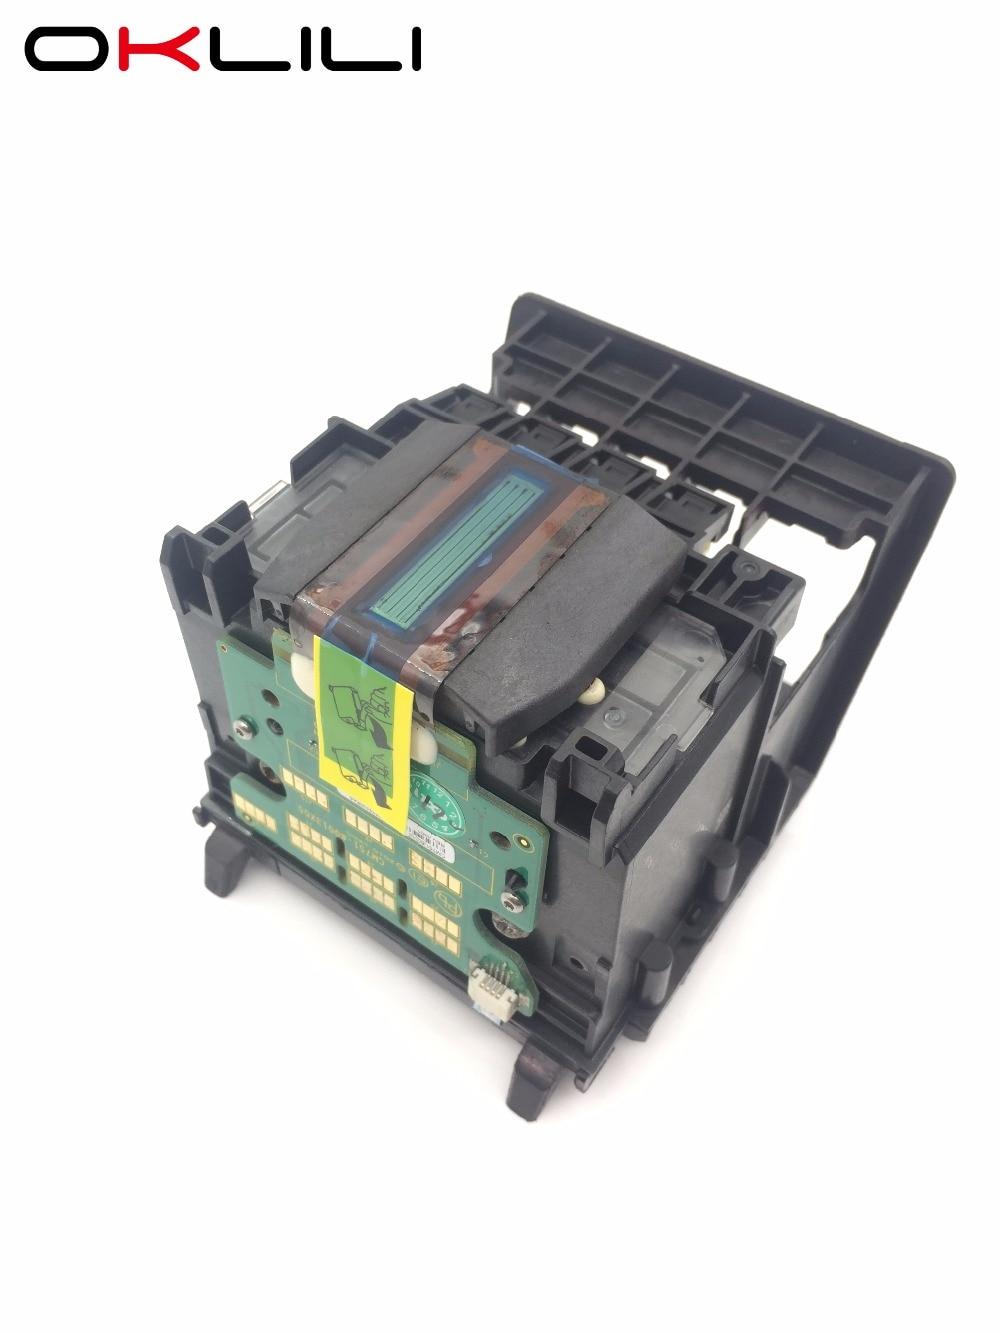 Original CM751-80013A 950 951 950xl 951xl cabeça de impressão da cabeça de impressão para hp pro 8100 8600 8610 8620 8625 8630 8700 251dw 251 276 276dw